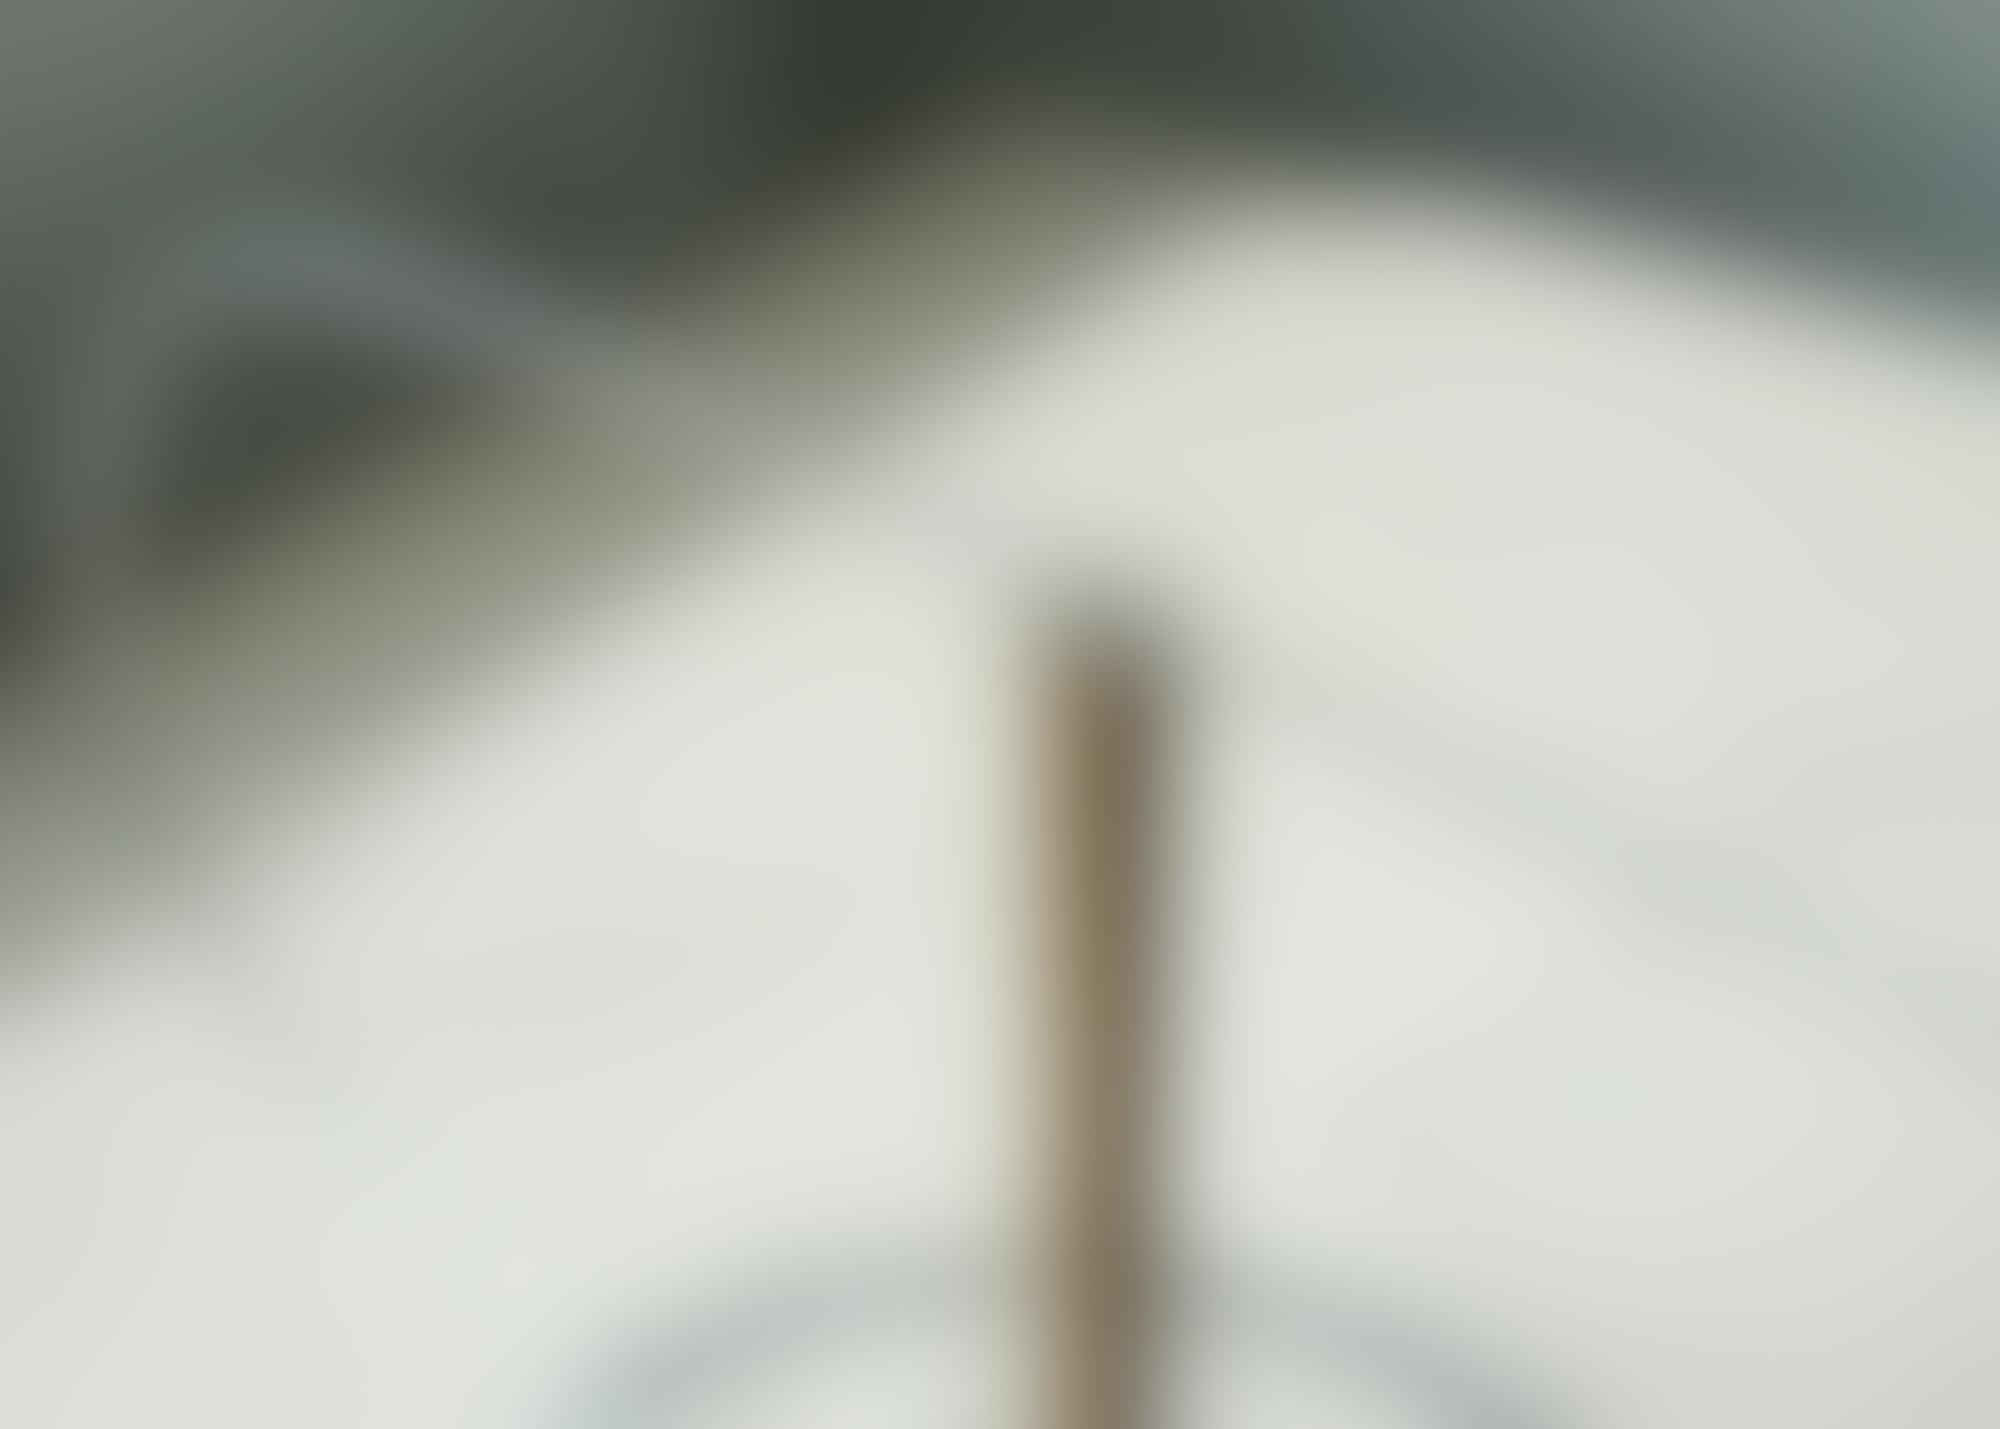 D Level 4 03 autocompressfitresizeixlibphp 1 1 0max h2000max w3 D2000q80se99c9bbff77213ebb71dbc34f28fcc04